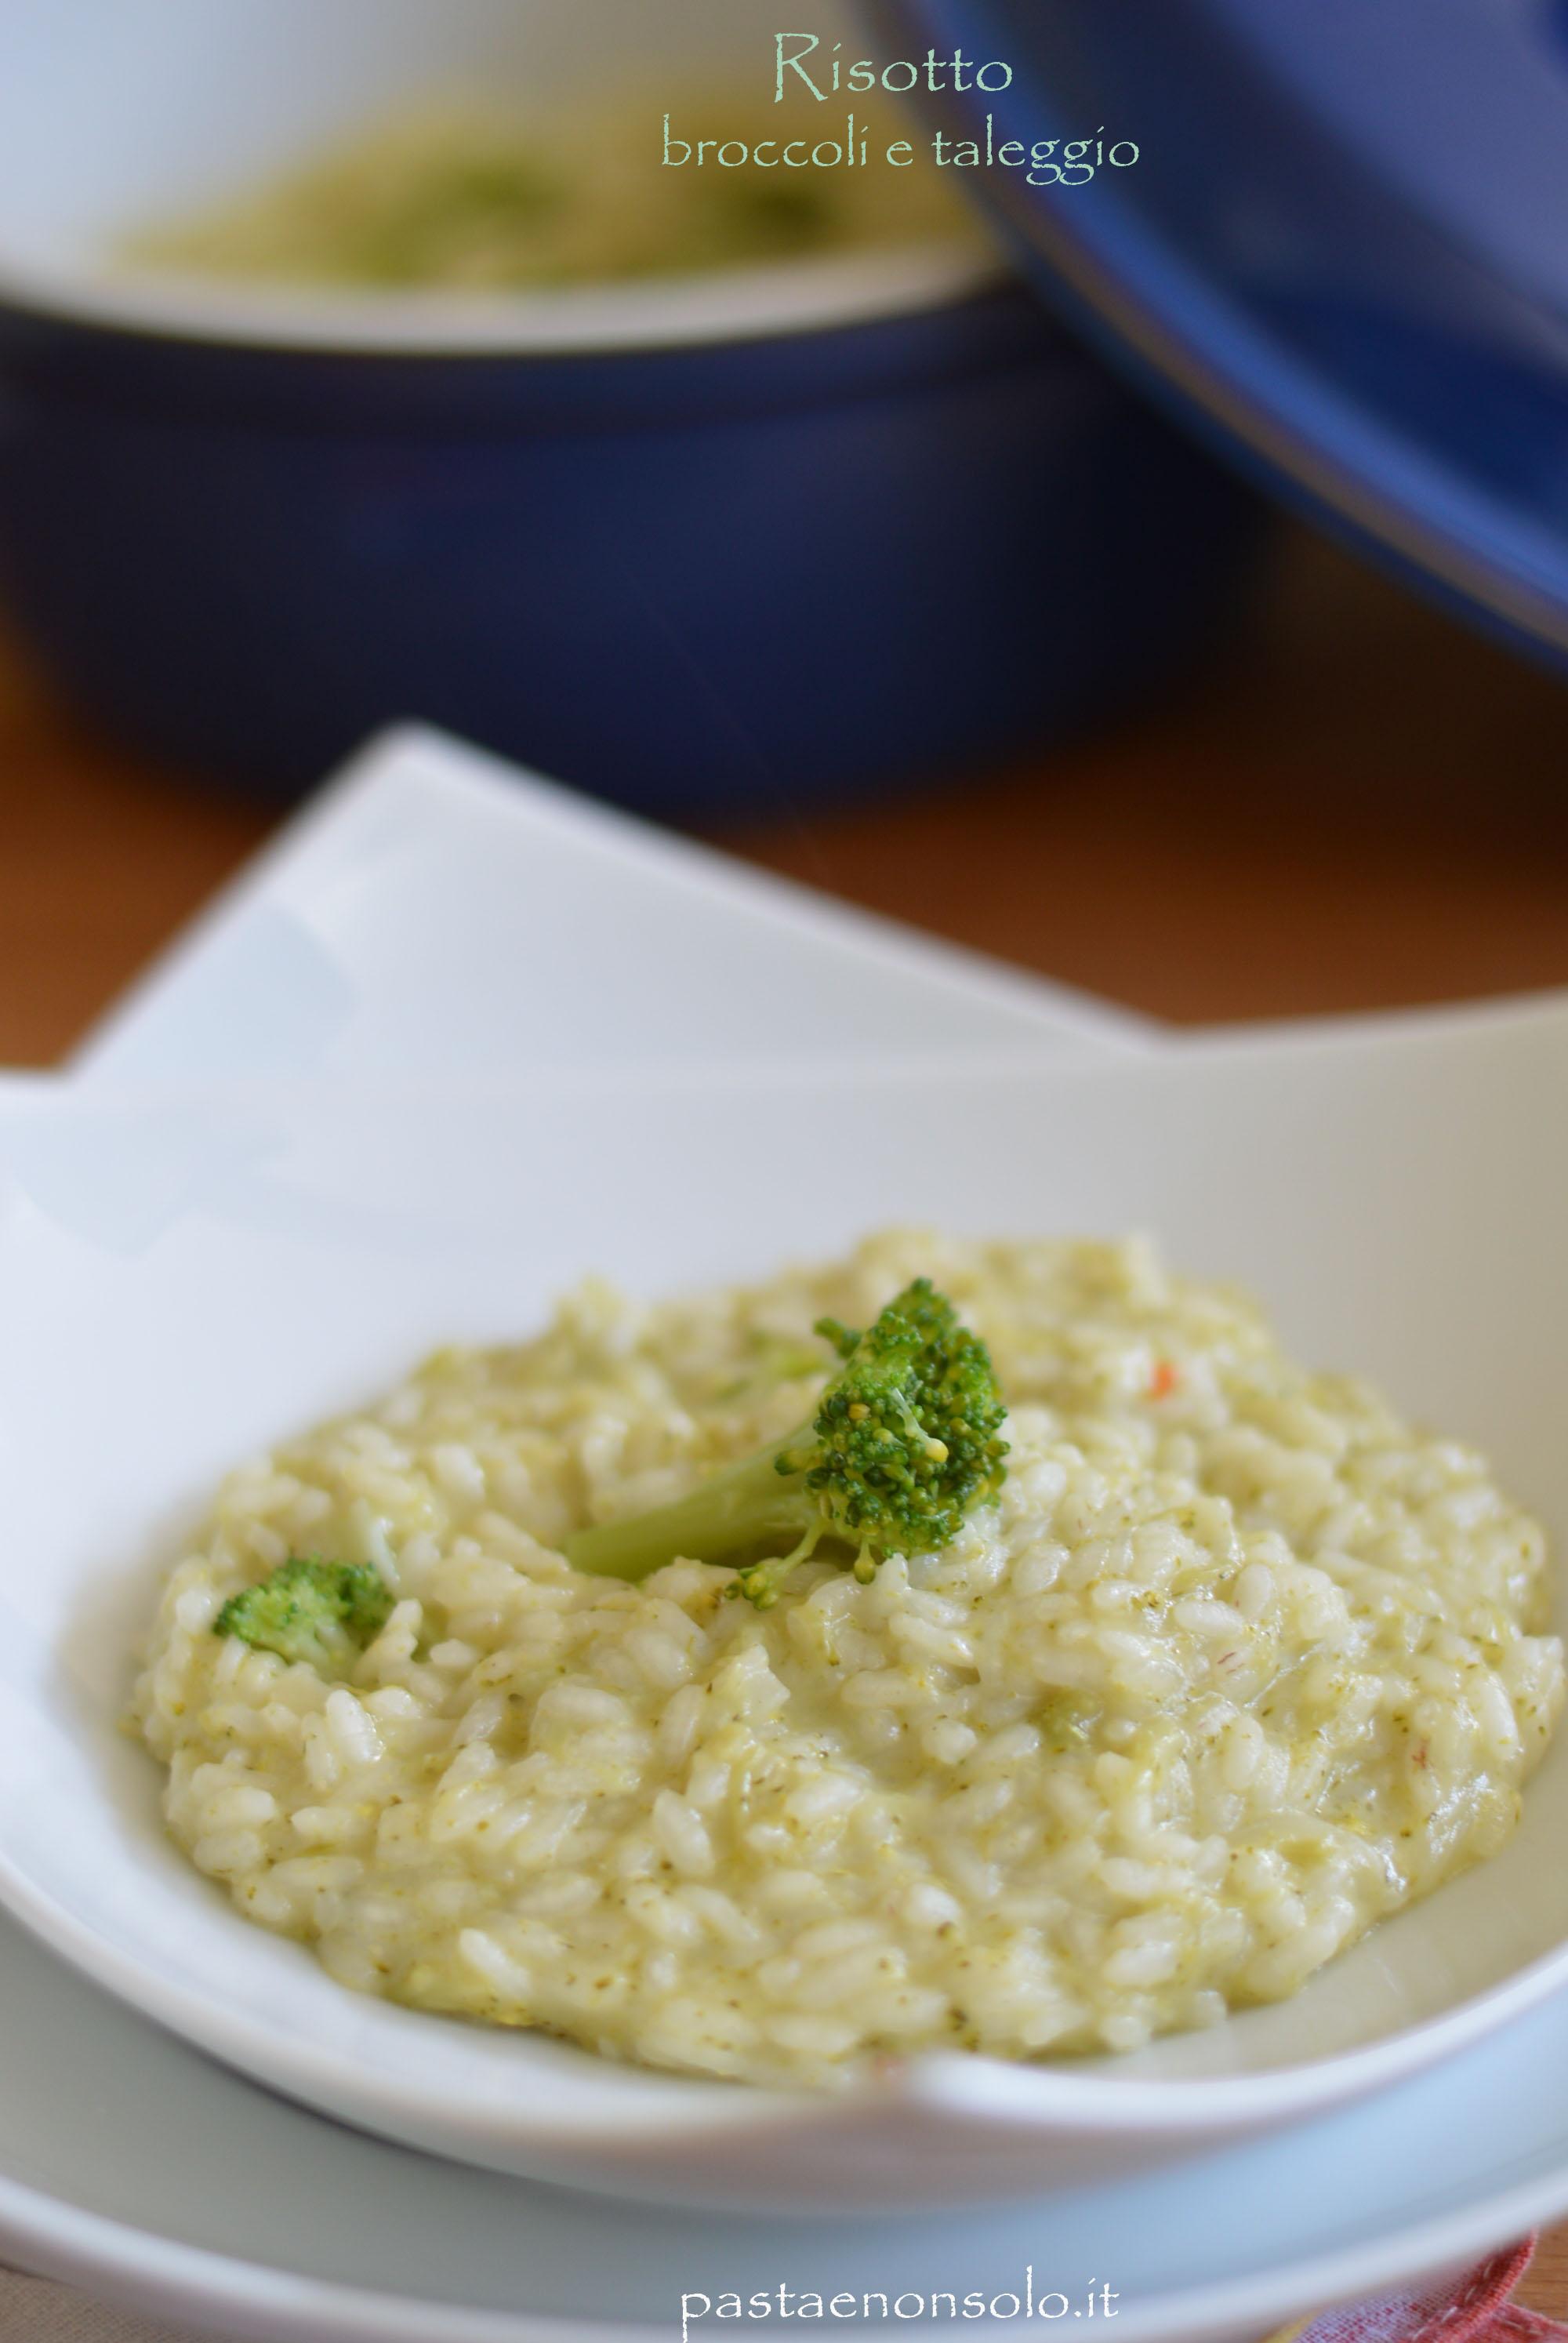 risotto broccoli e taleggio